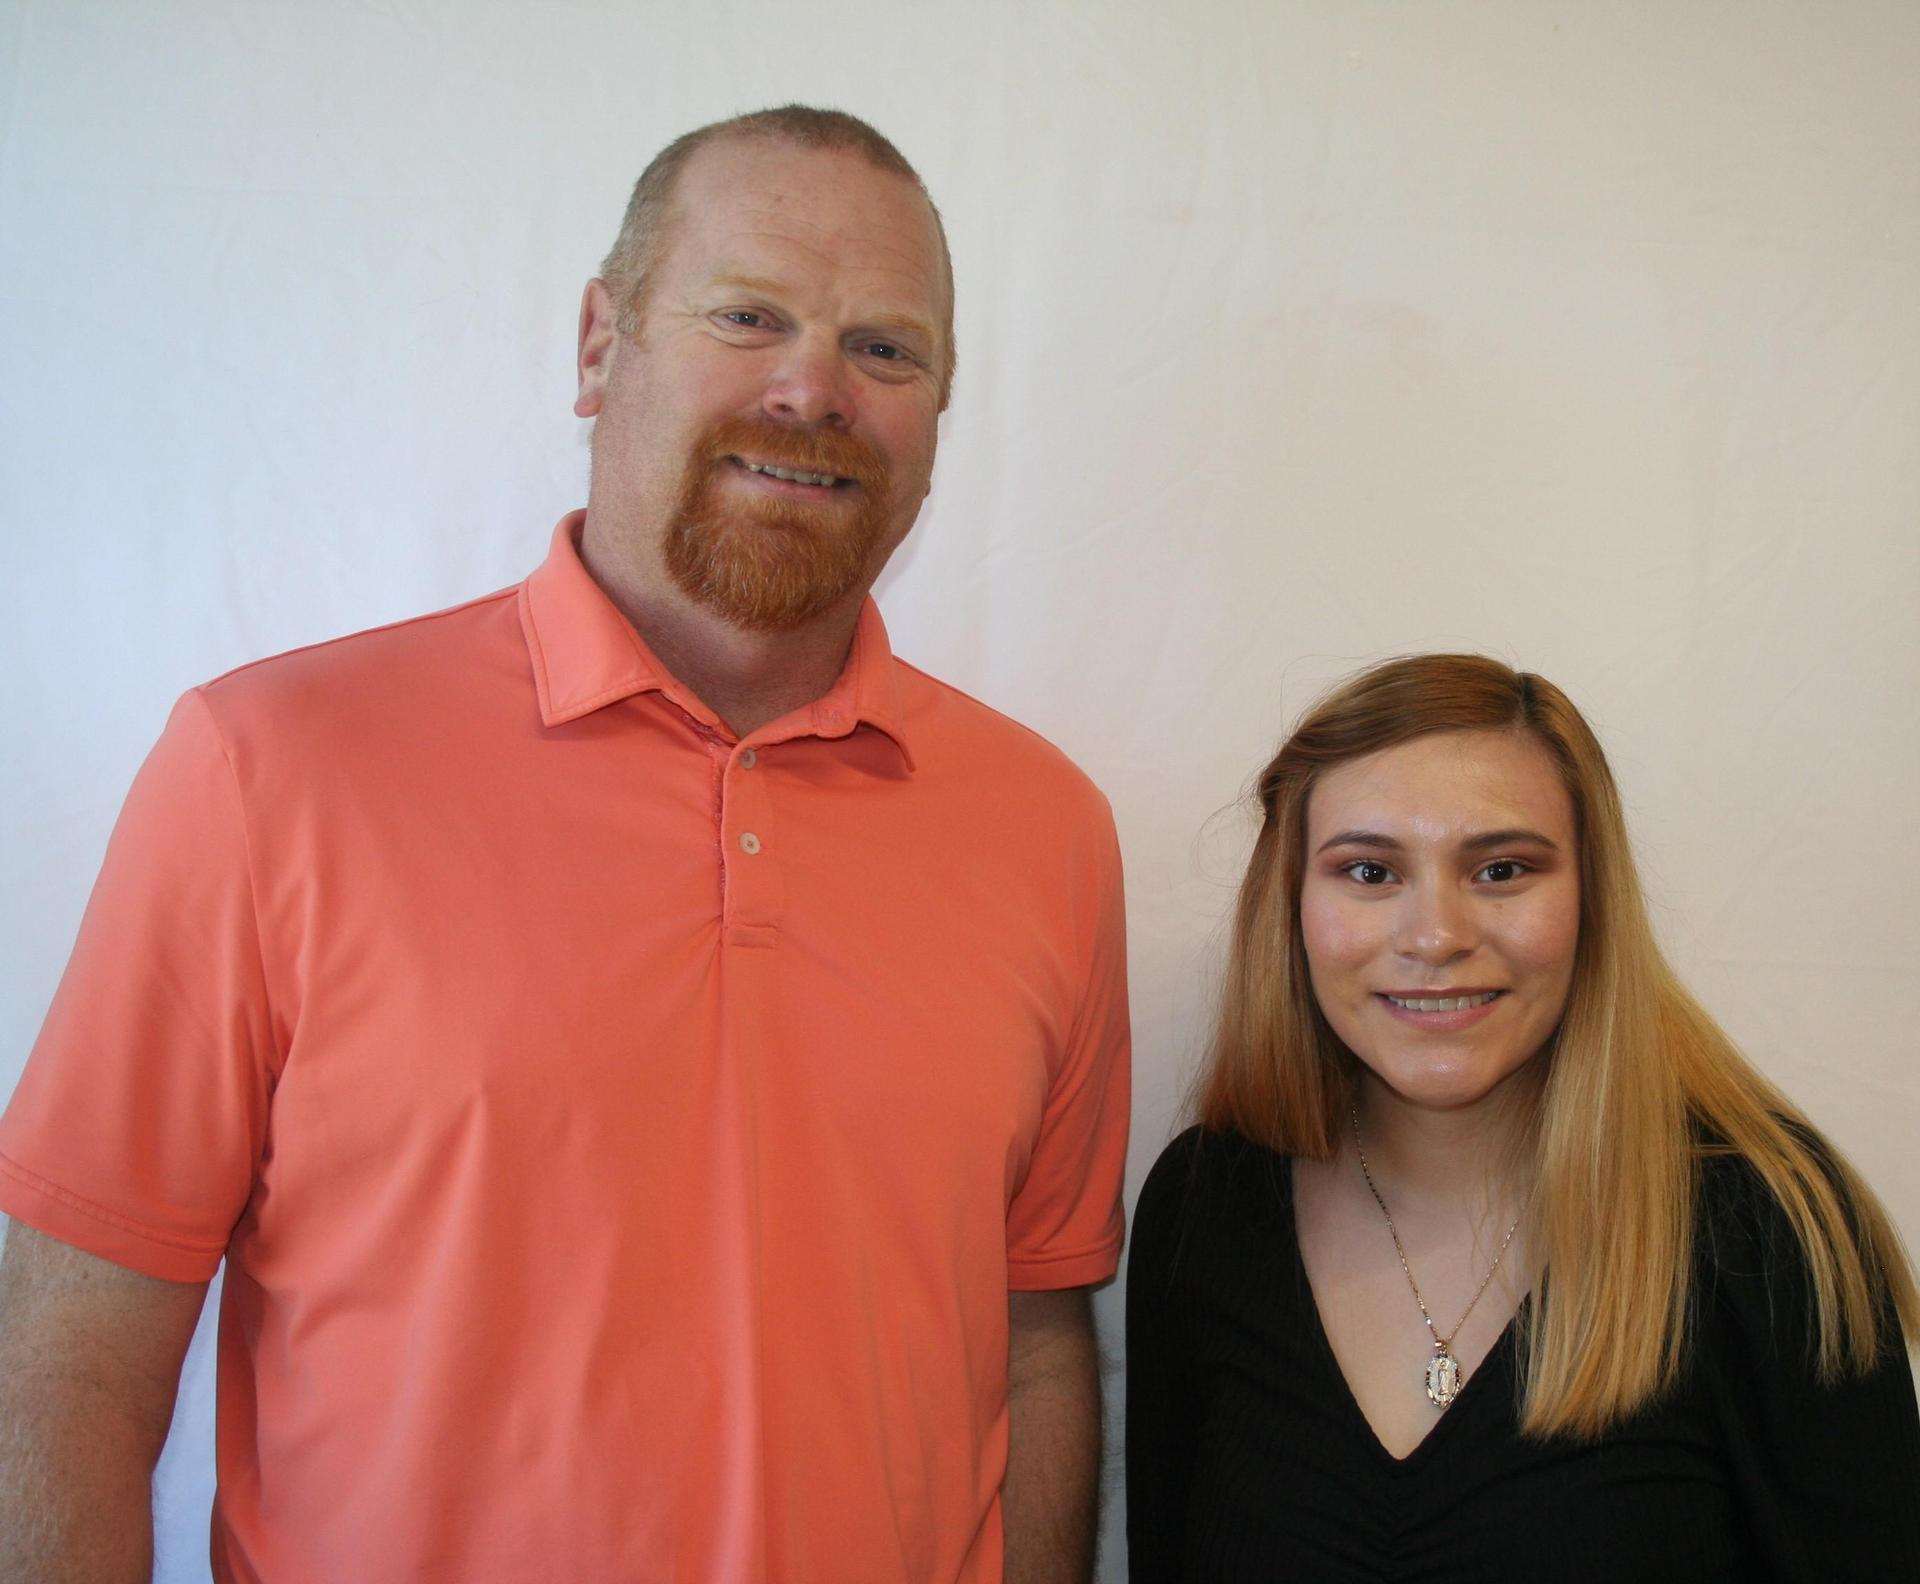 Mr. Edwards and Lisbeth Neri